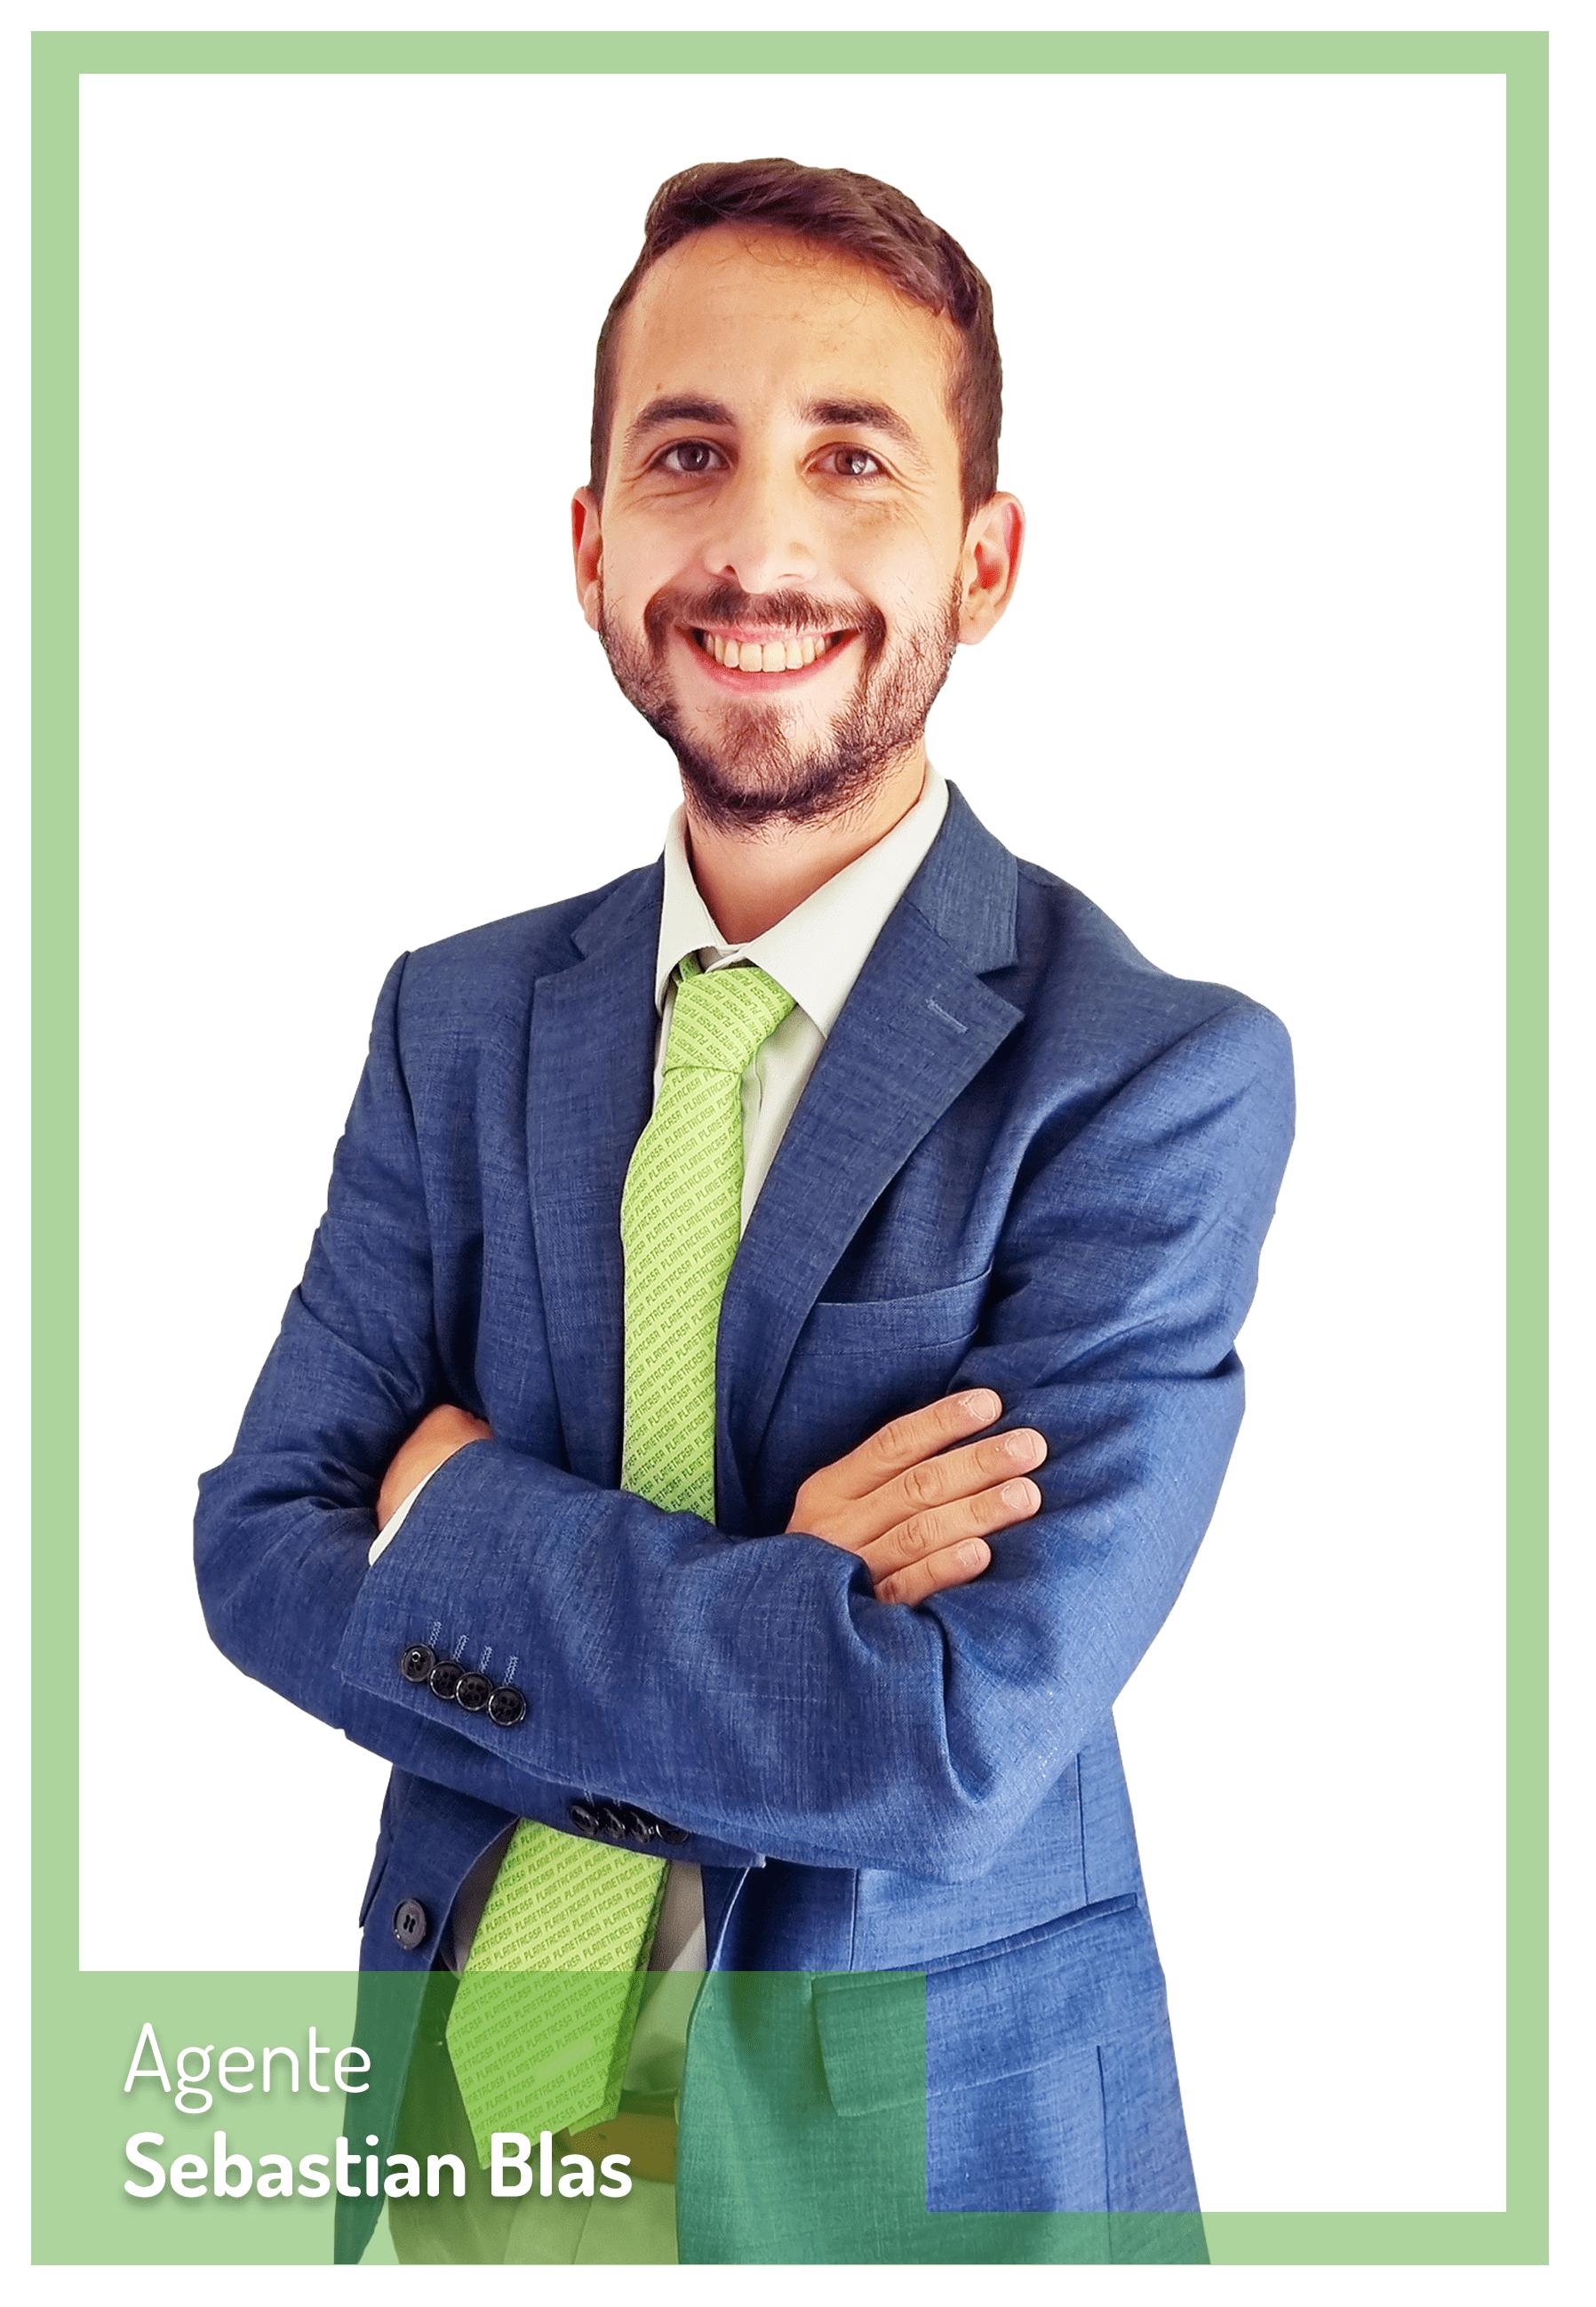 Sebastian Blas Agente Inmobiliario Planetacasa Ciudad Jardin